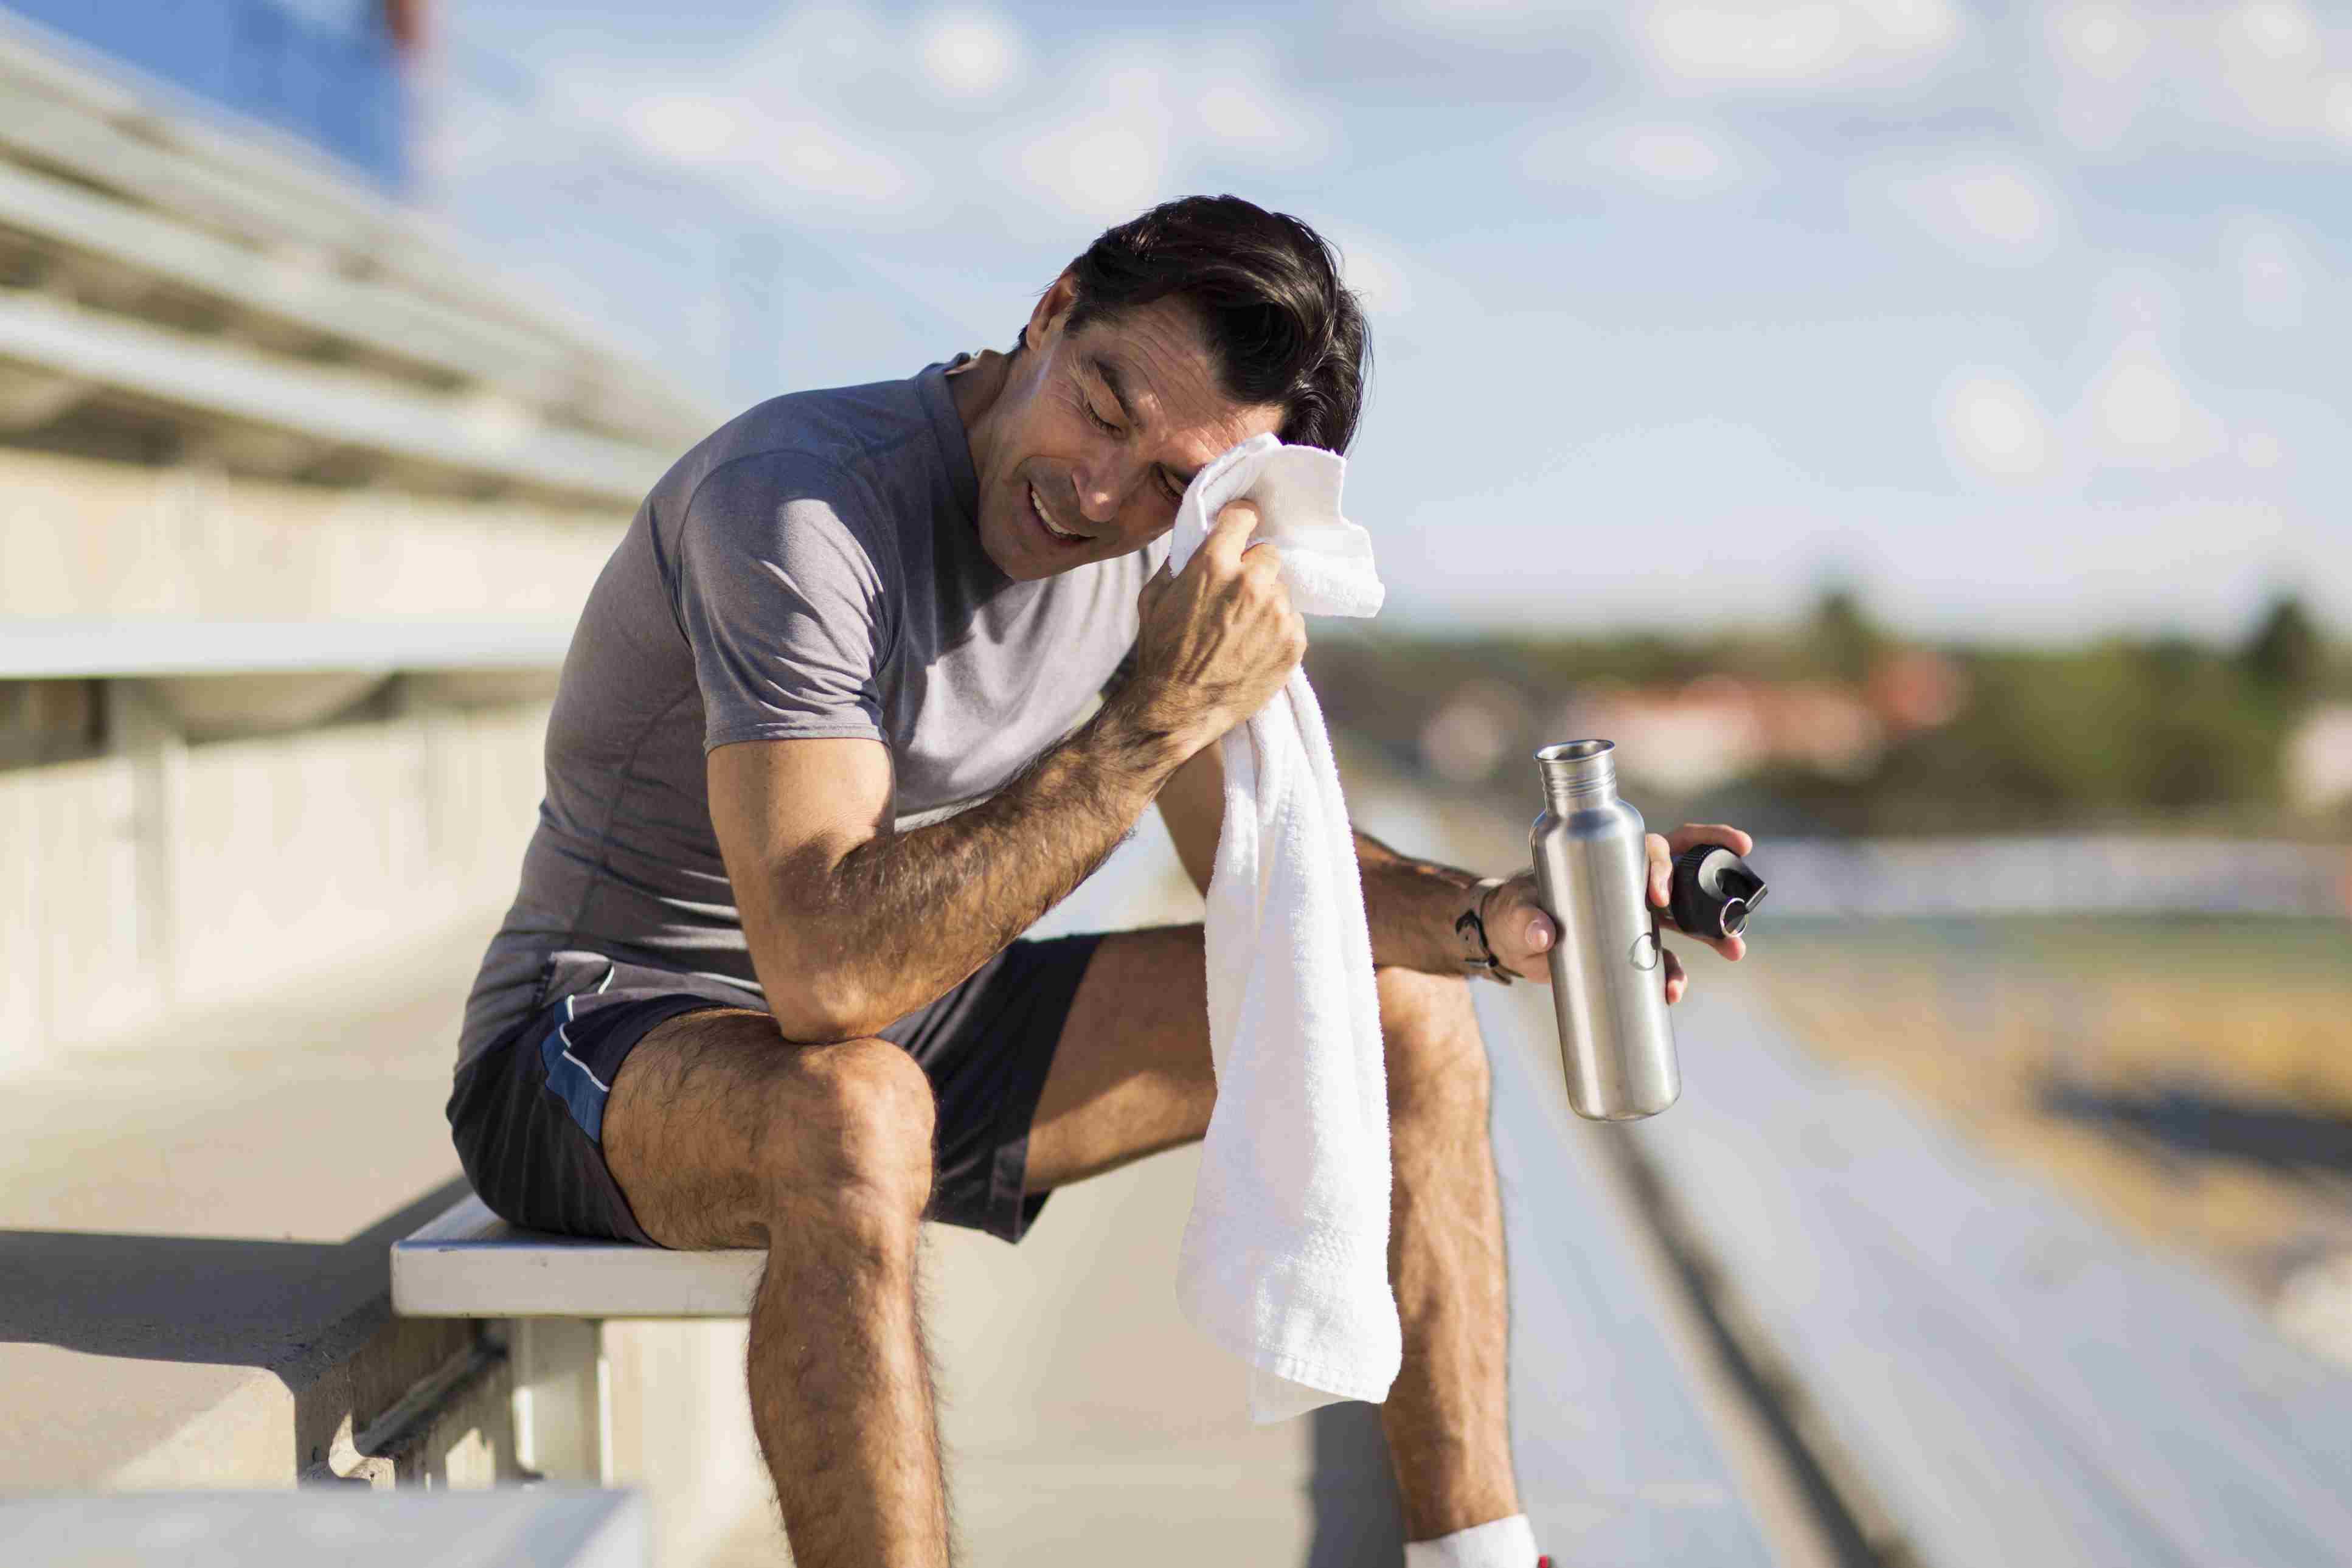 Sweaty man resting on bleachers.